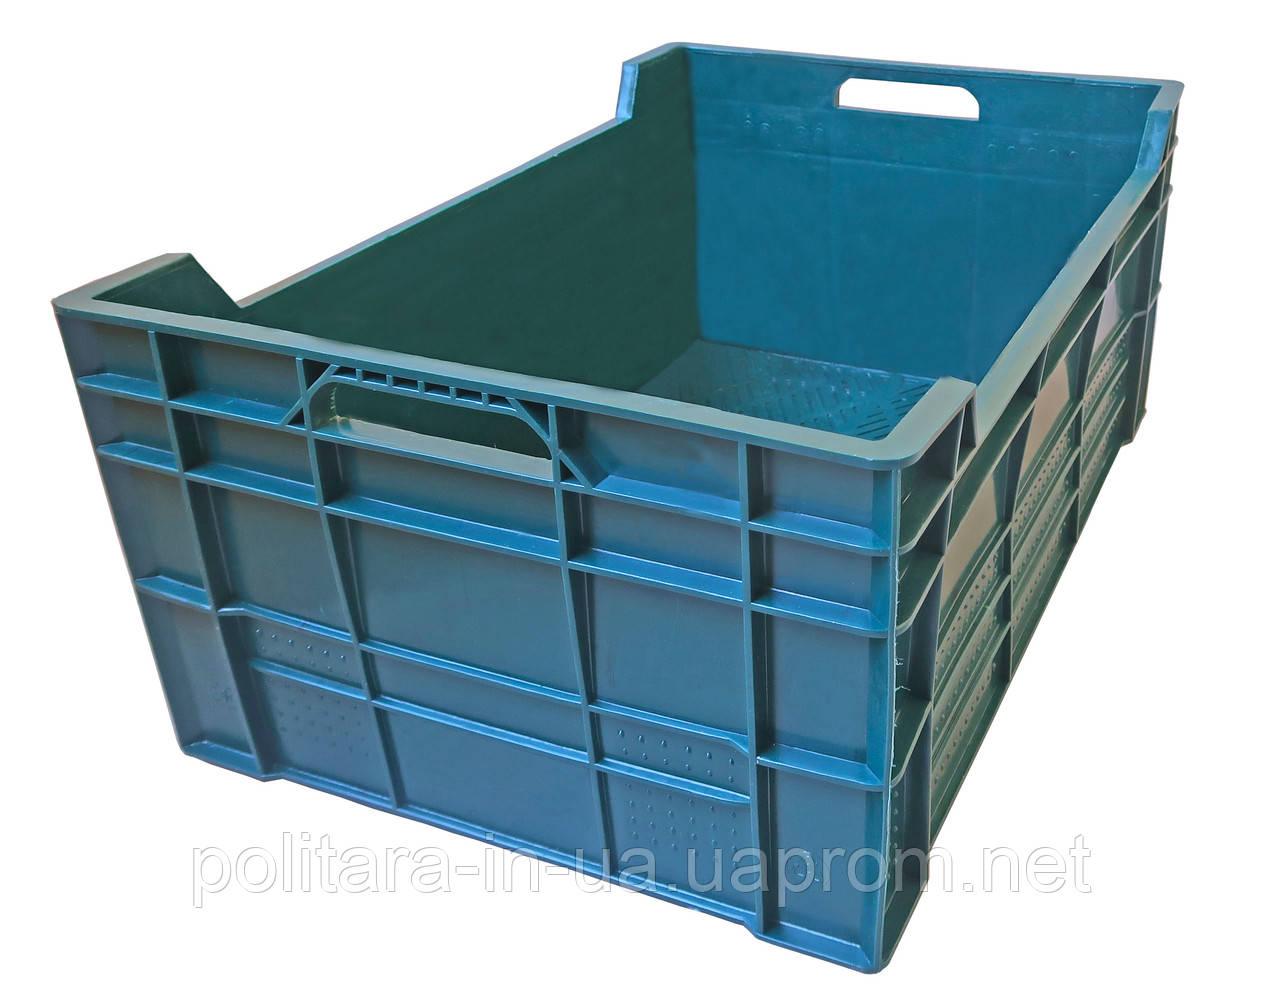 Ящик пластиковый пищевой  600x400x260 сплошной